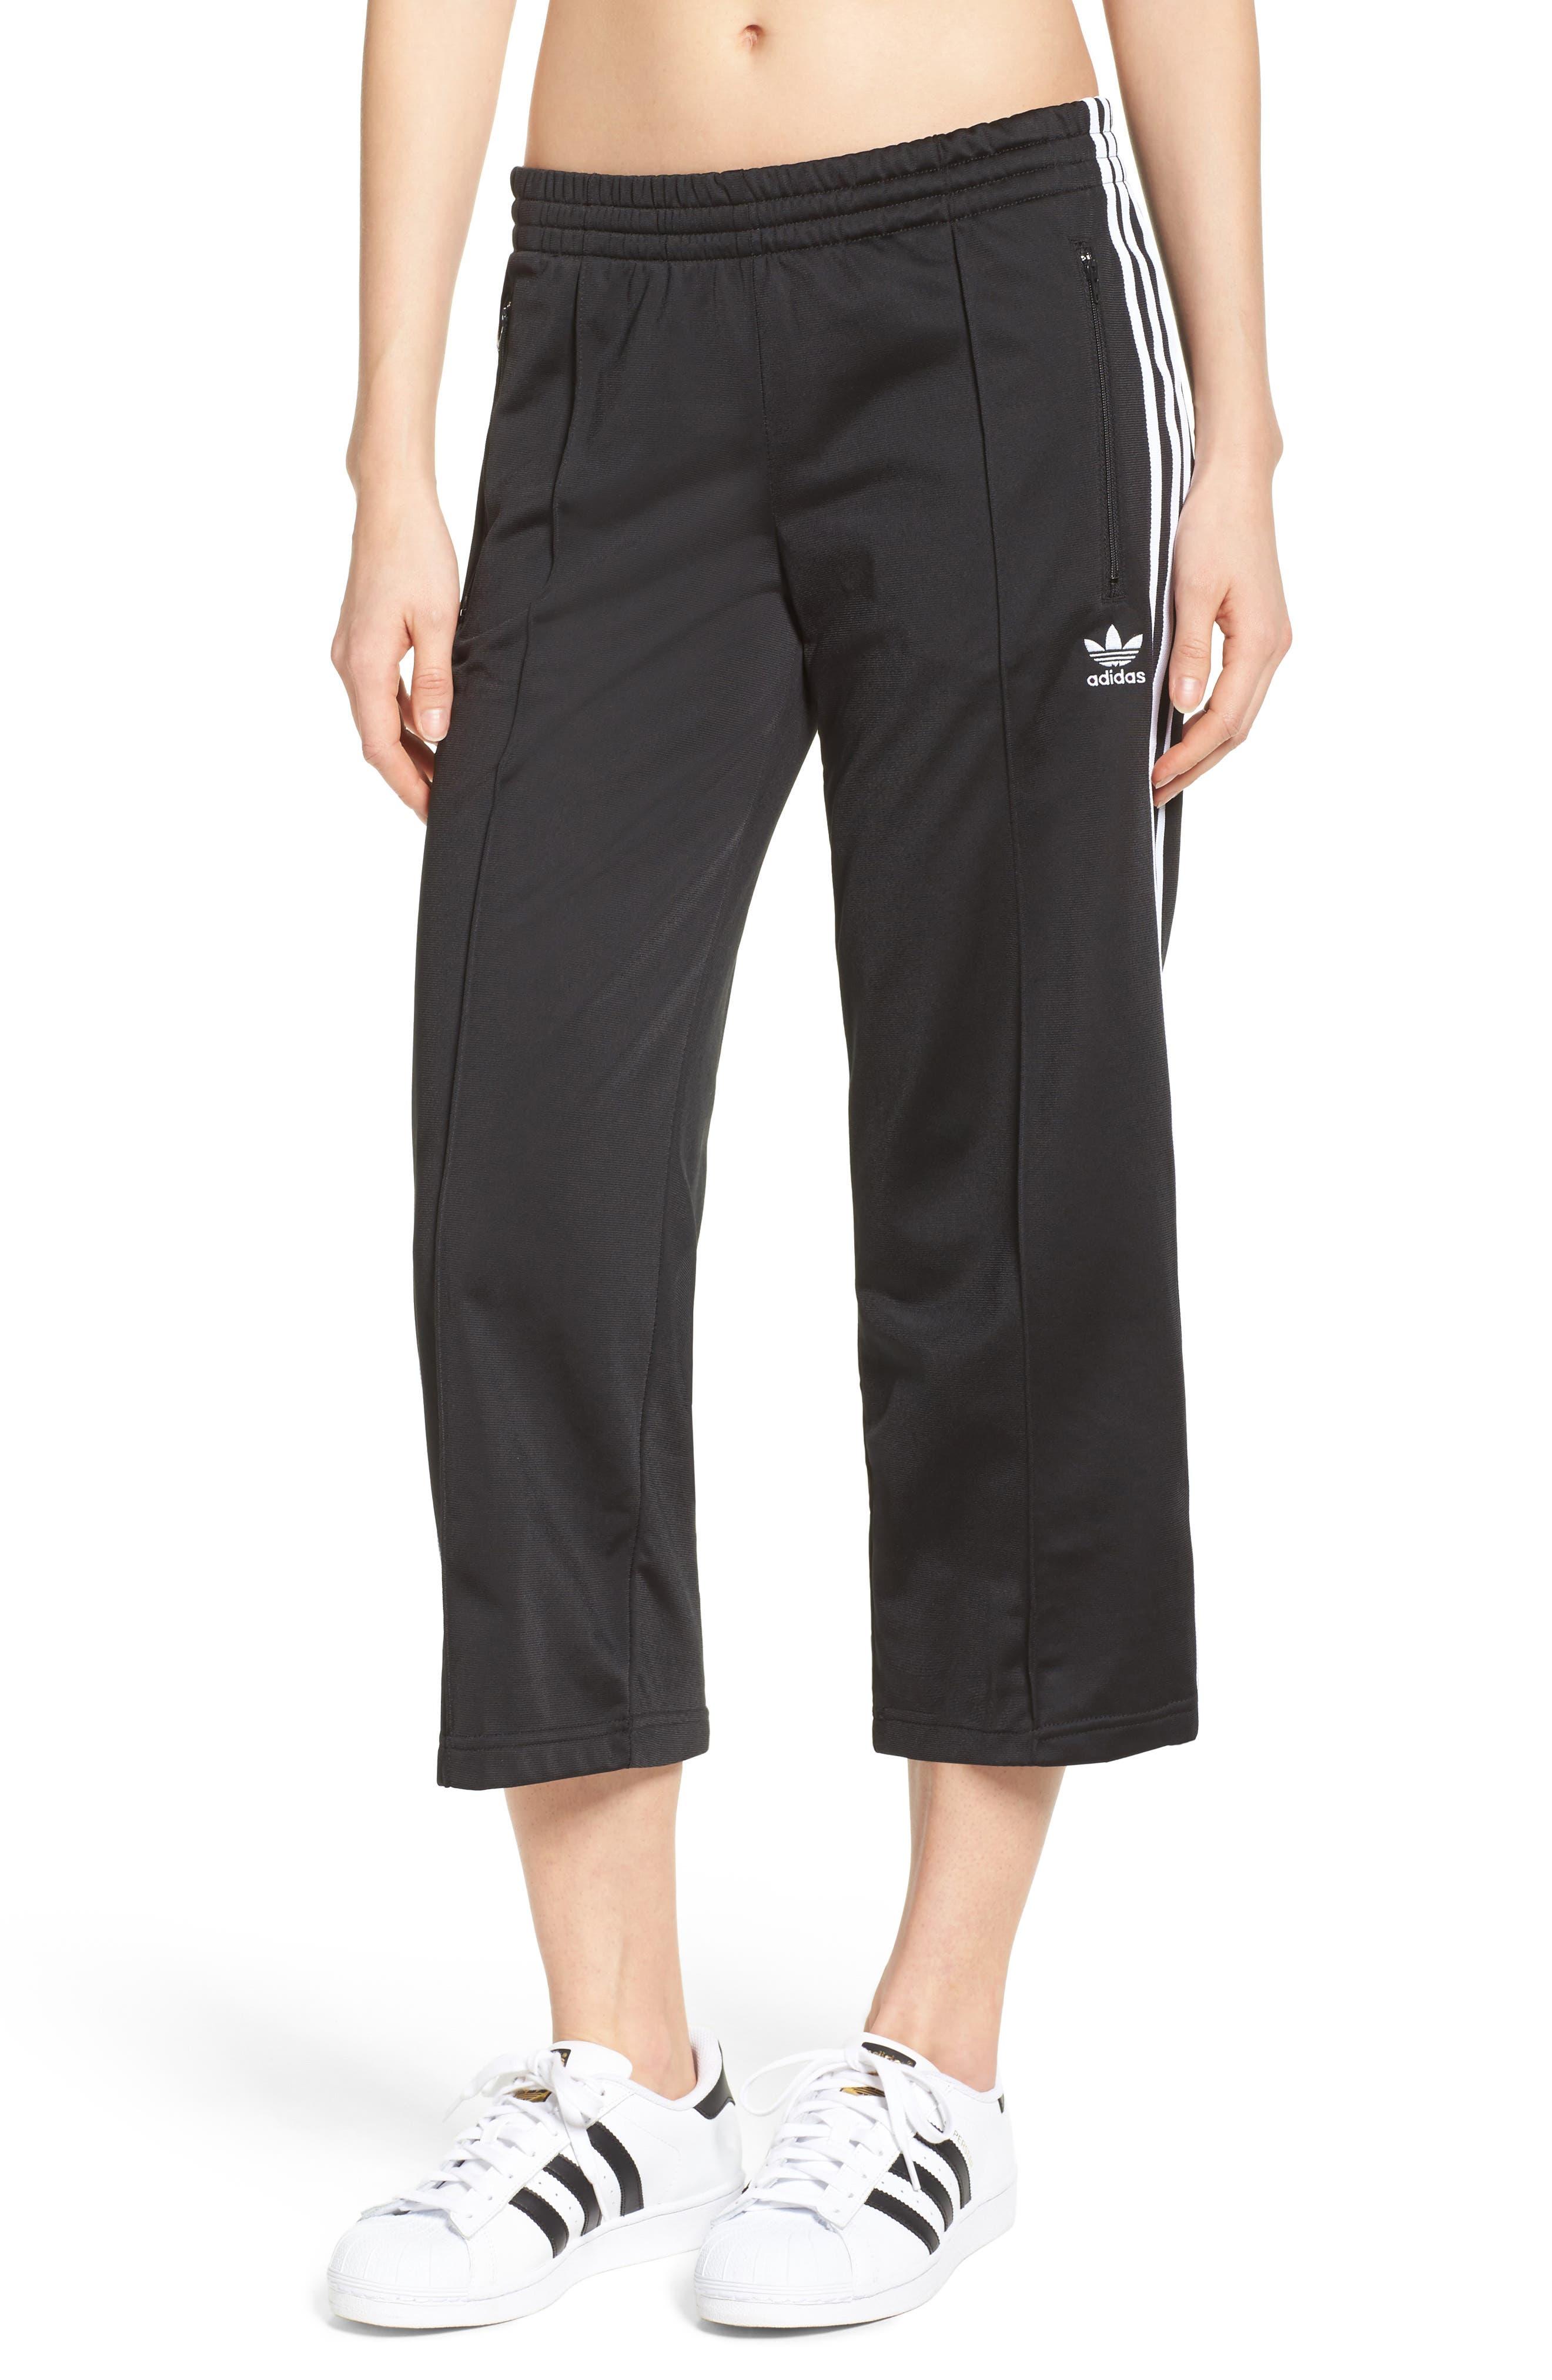 ADIDAS Originals Sailor Crop Pants